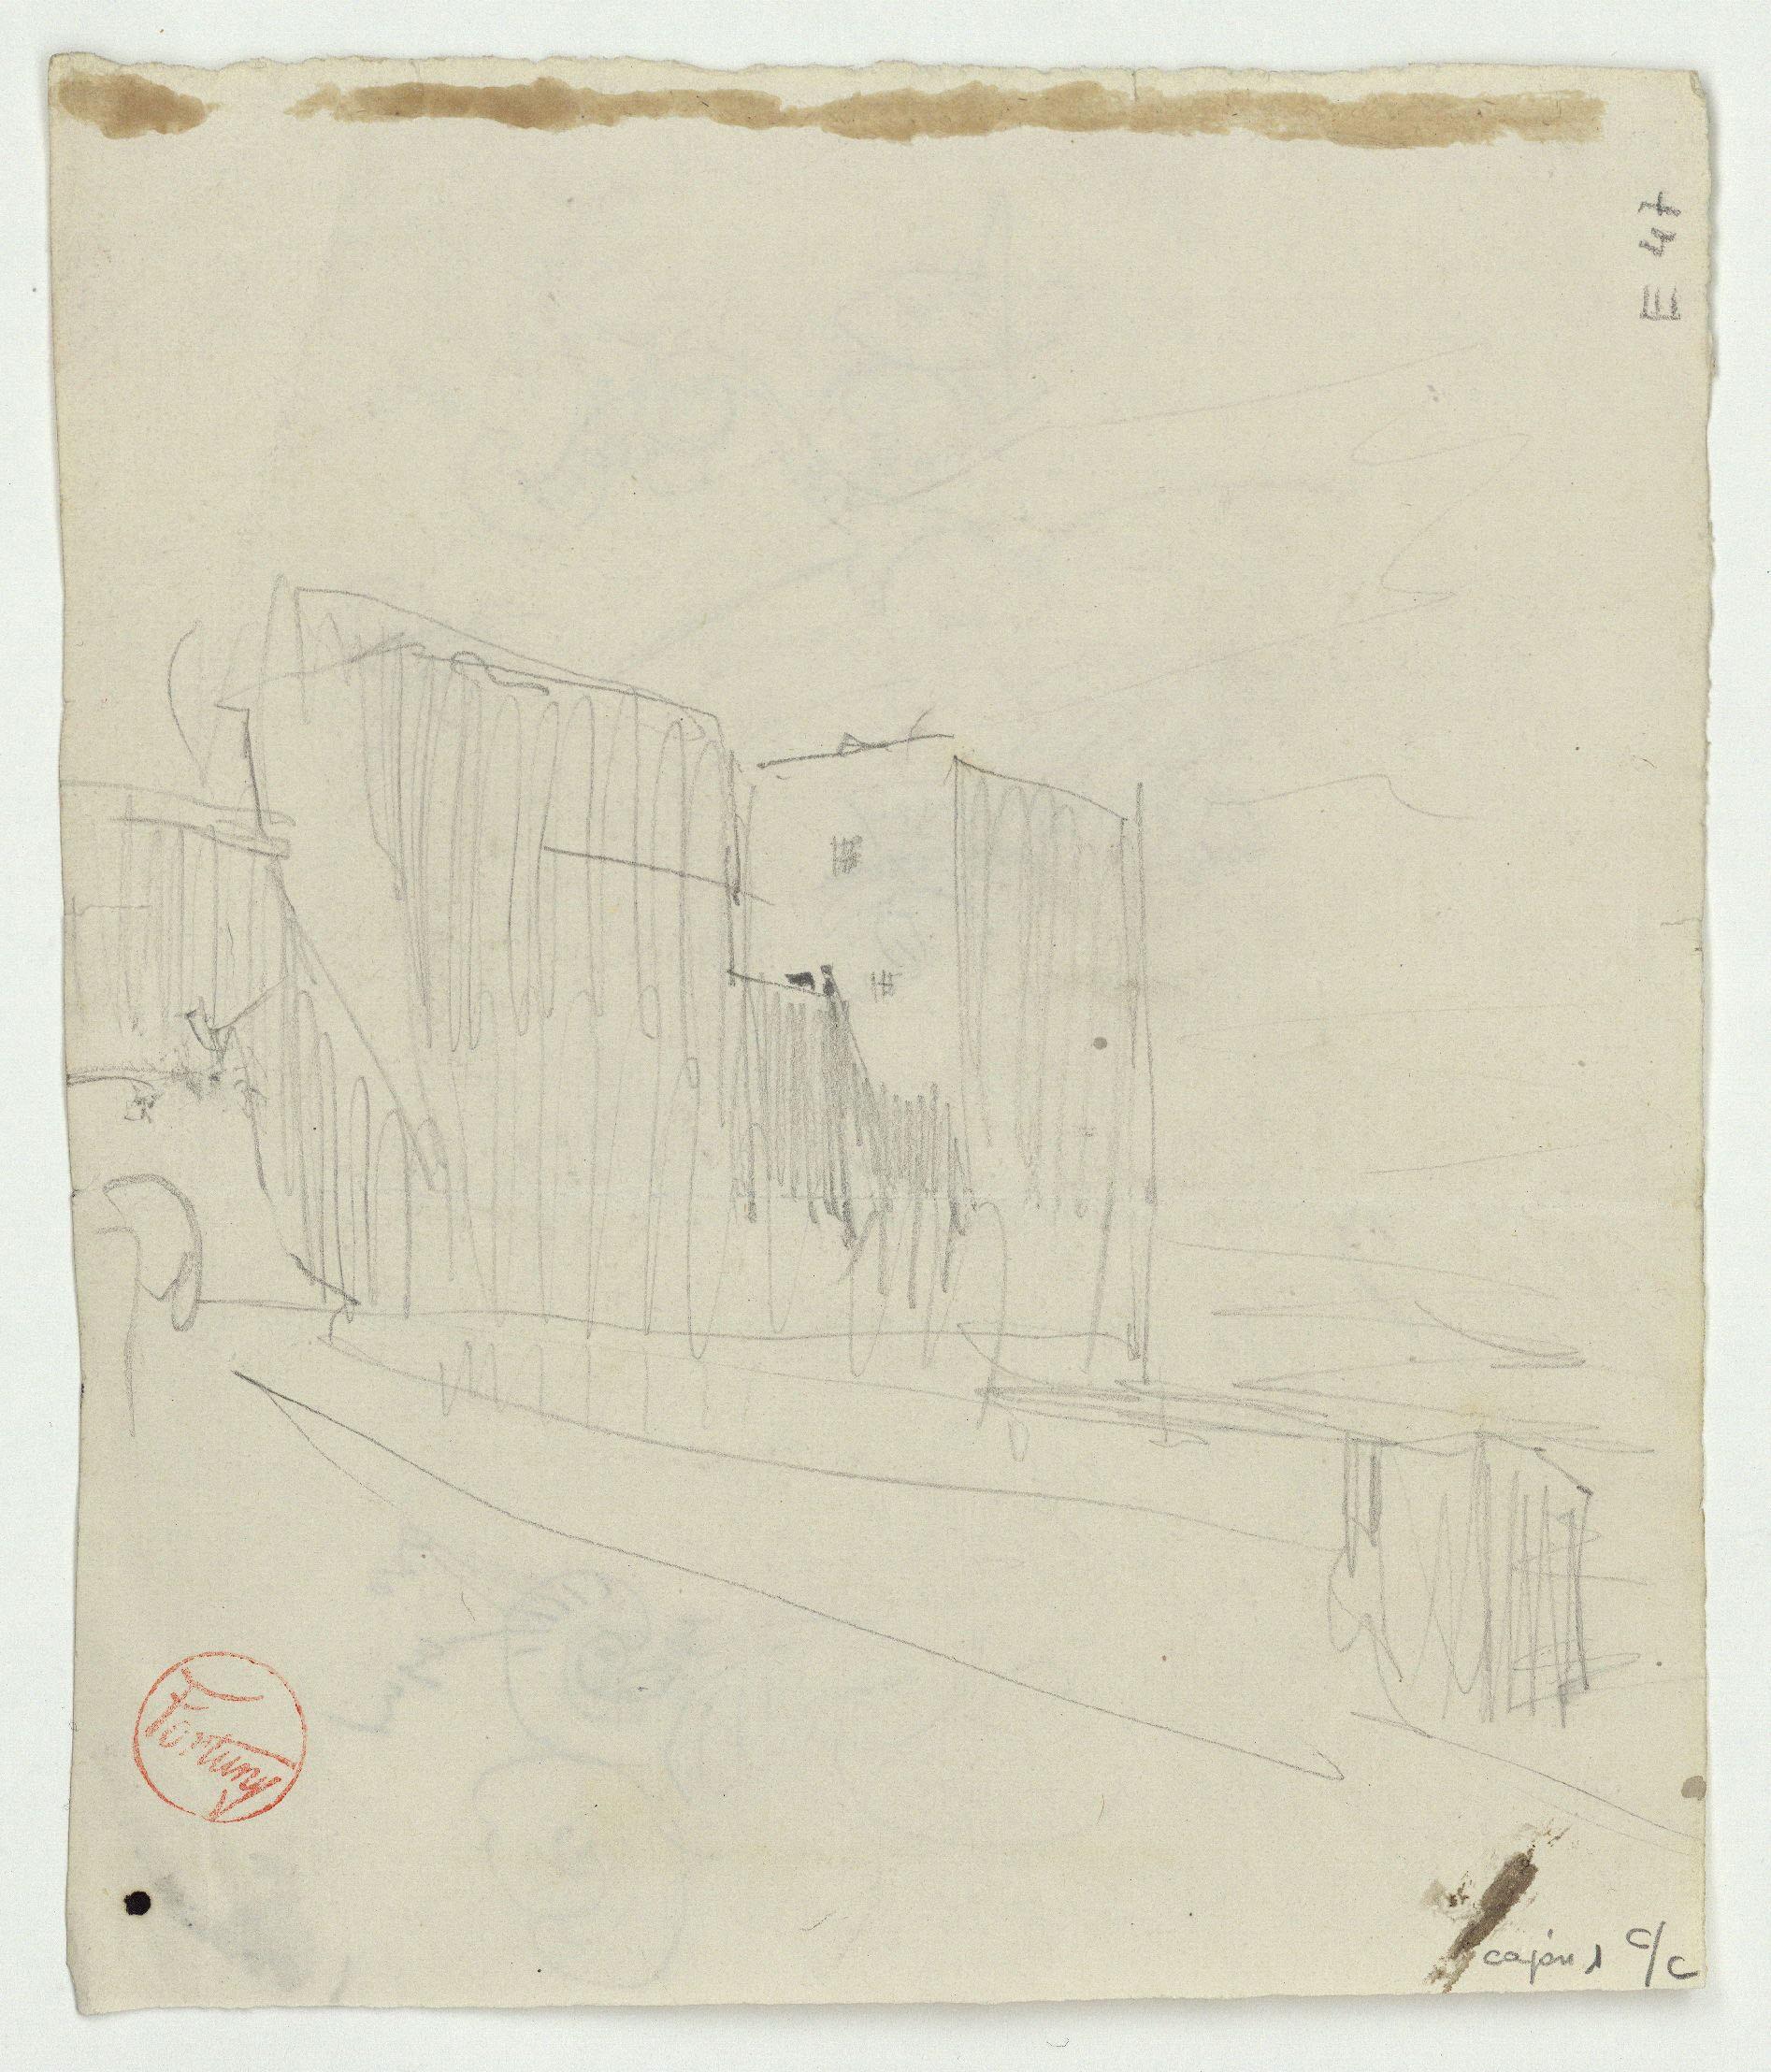 Marià Fortuny - Detalls de motius ornamentals (anvers) / Croquis d'edifici (revers) - Cap a 1860-1862 [1]